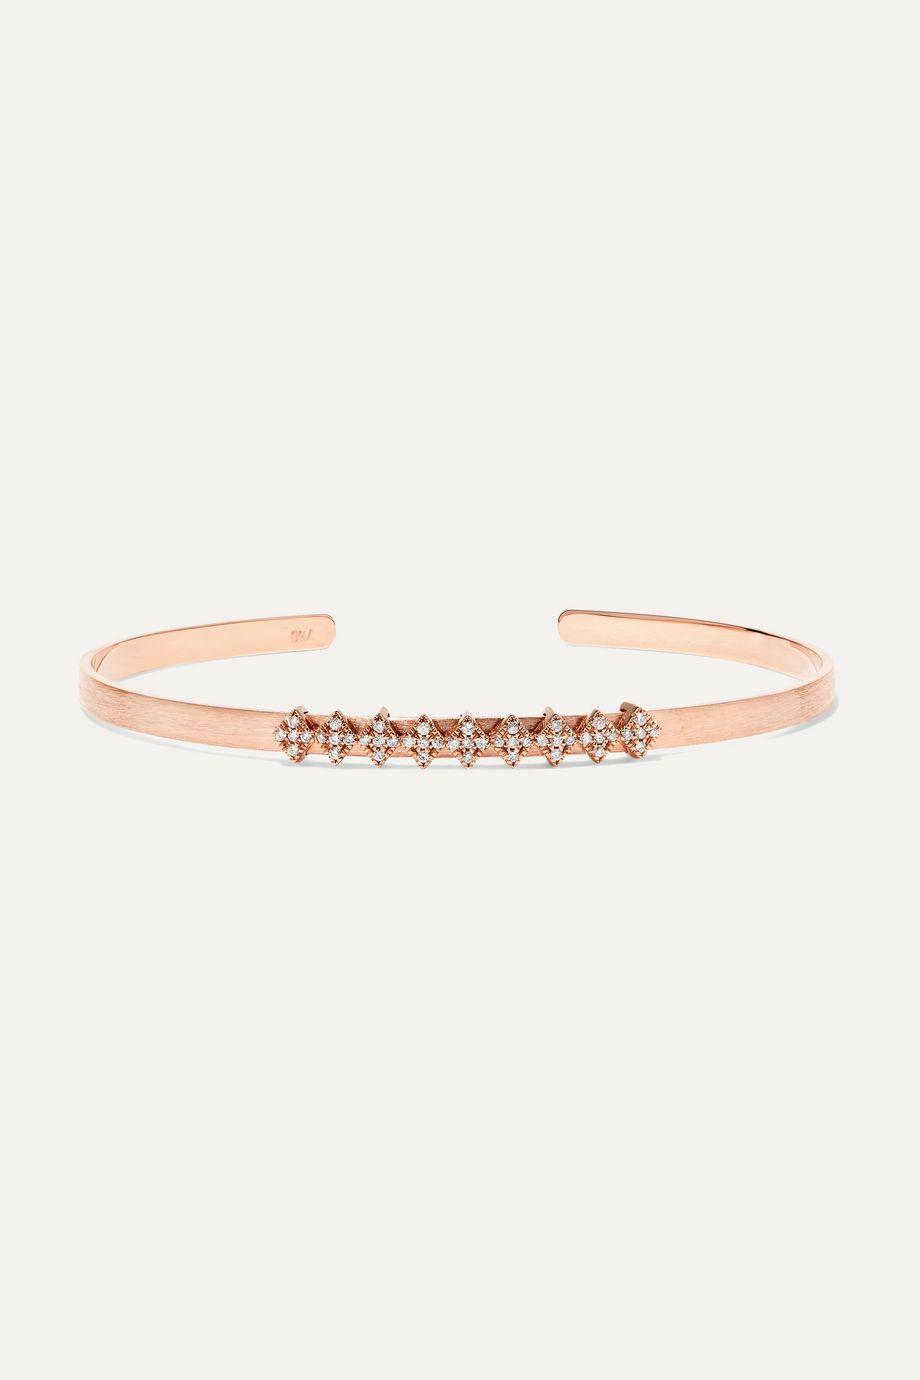 Diane Kordas 18-karat rose gold diamond cuff